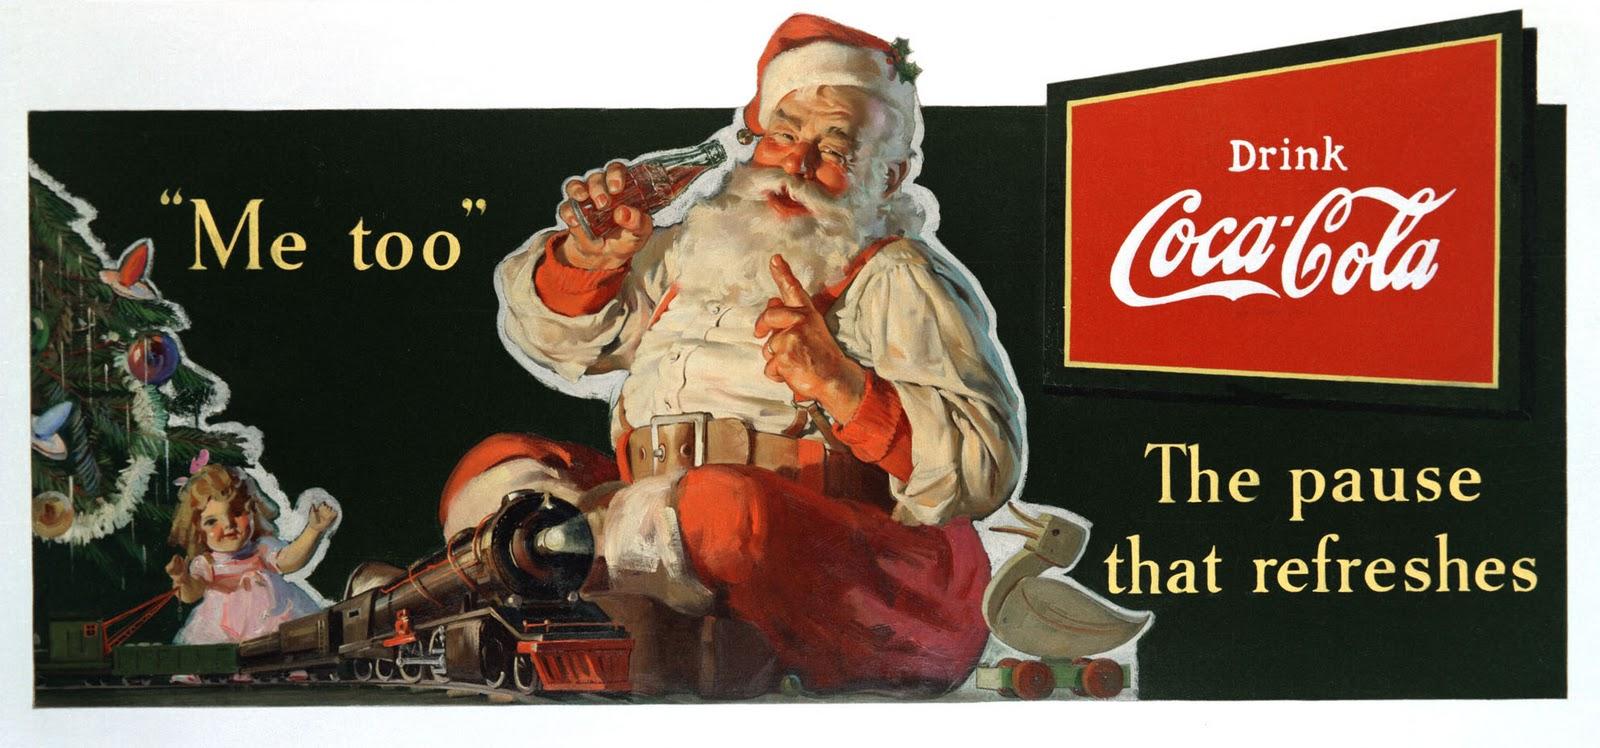 Consider, that coca cola santa claus